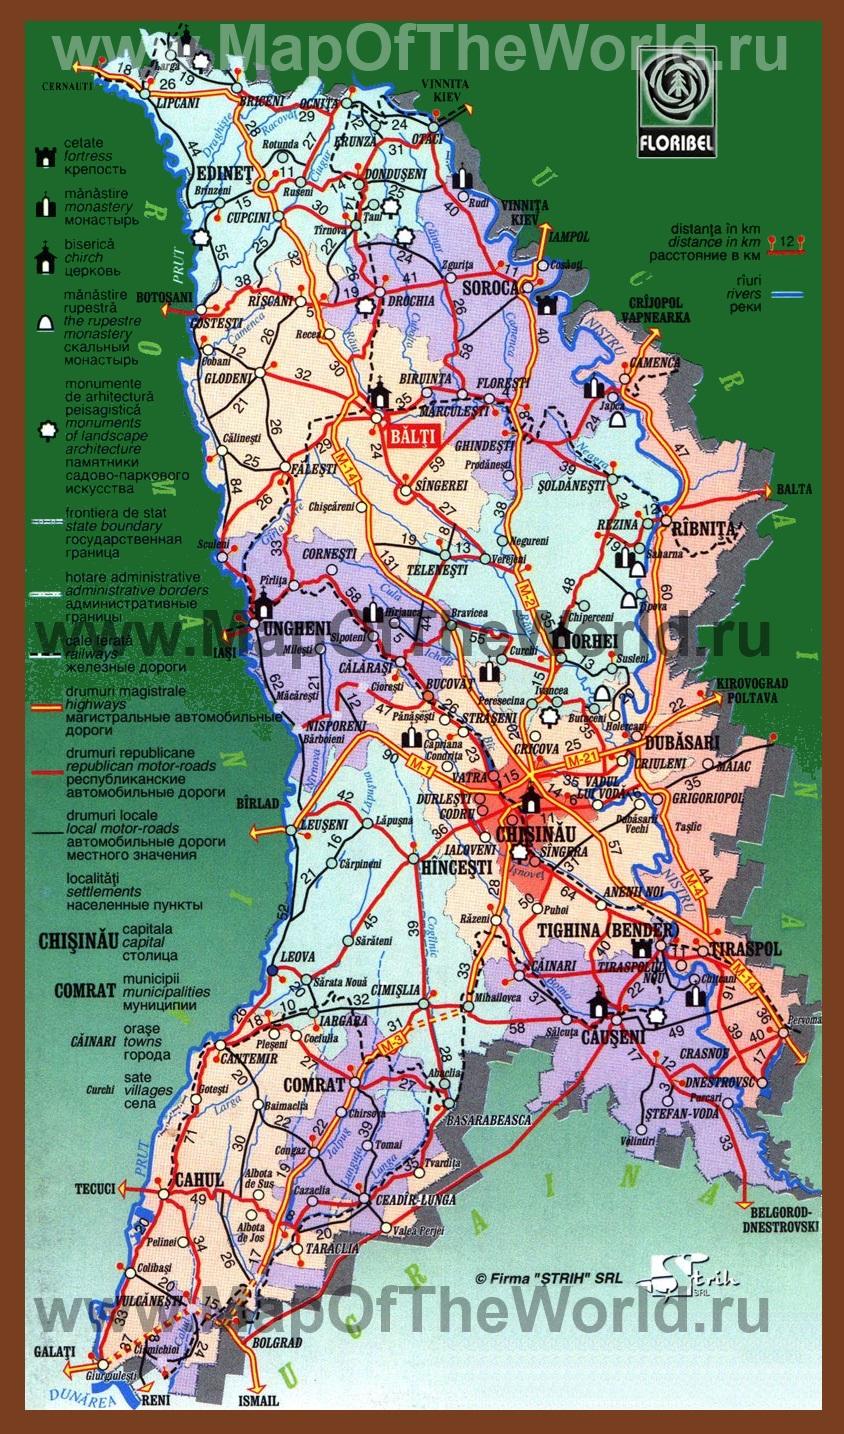 http://mapoftheworld.ru/moldavia/avtomobilnaya-karta-dorog-moldovy.jpg